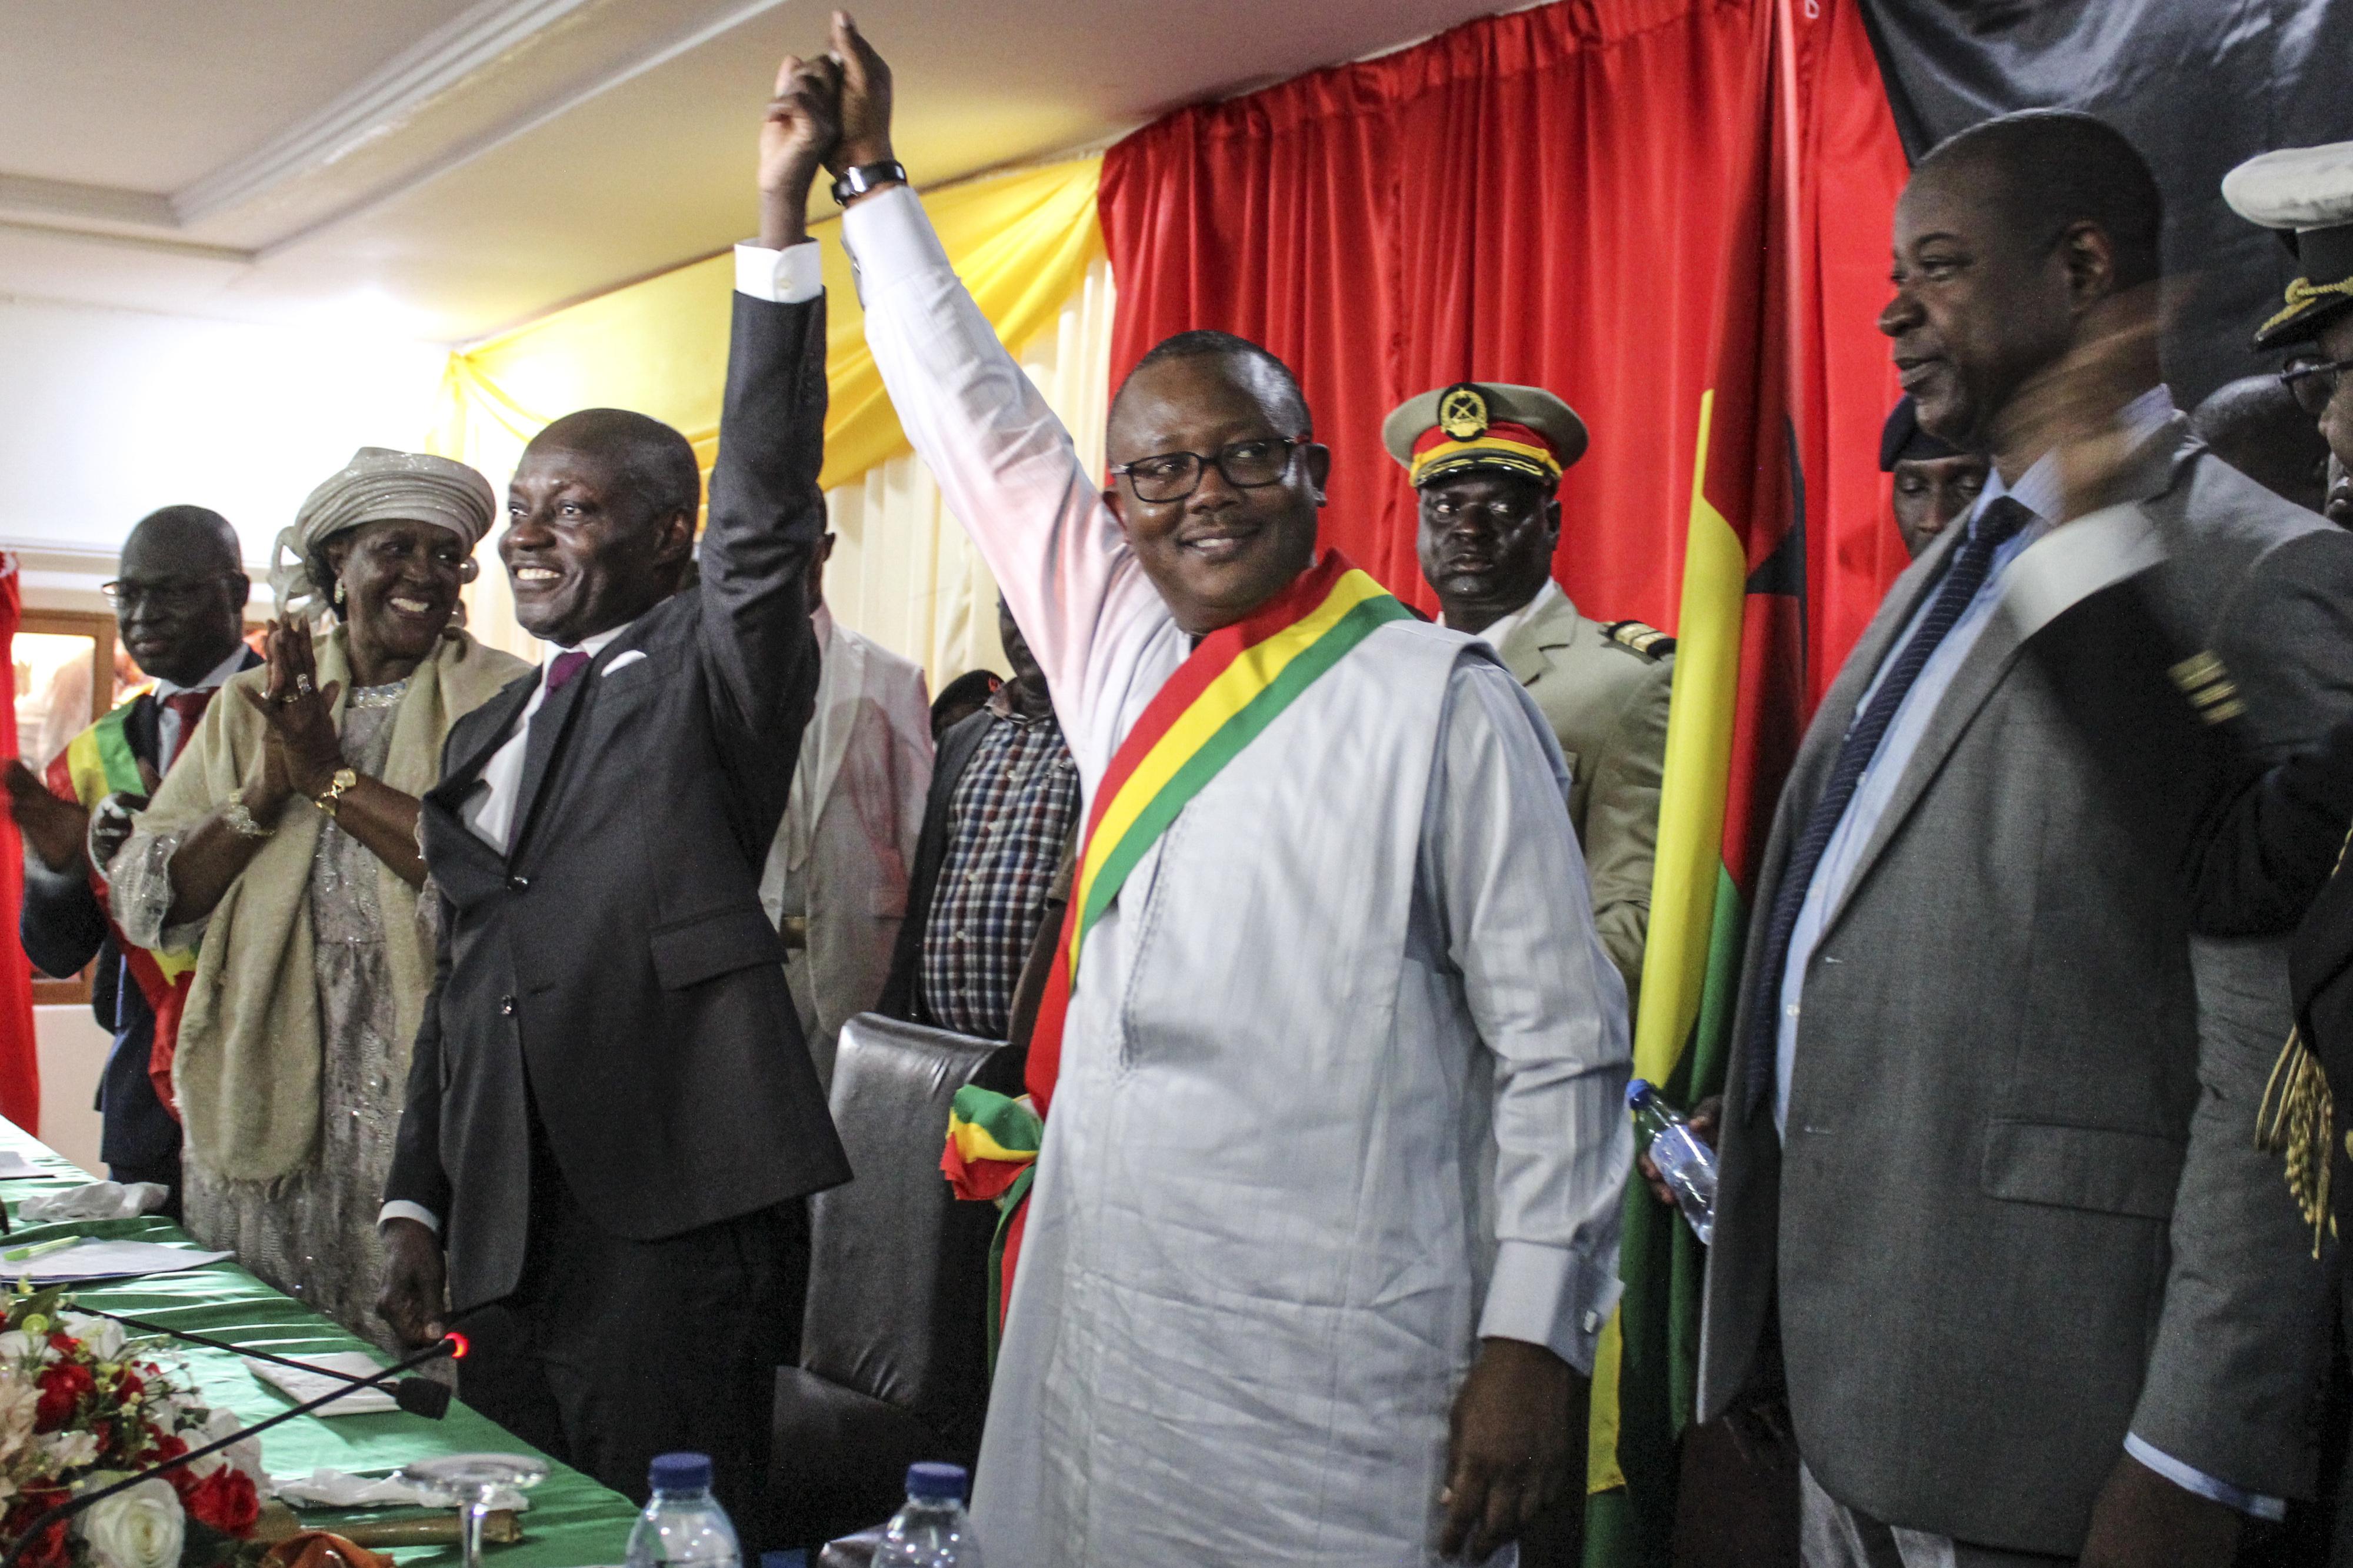 Governo guineense condena atitude de José Mário Vaz e cumplicidade de forças armadas